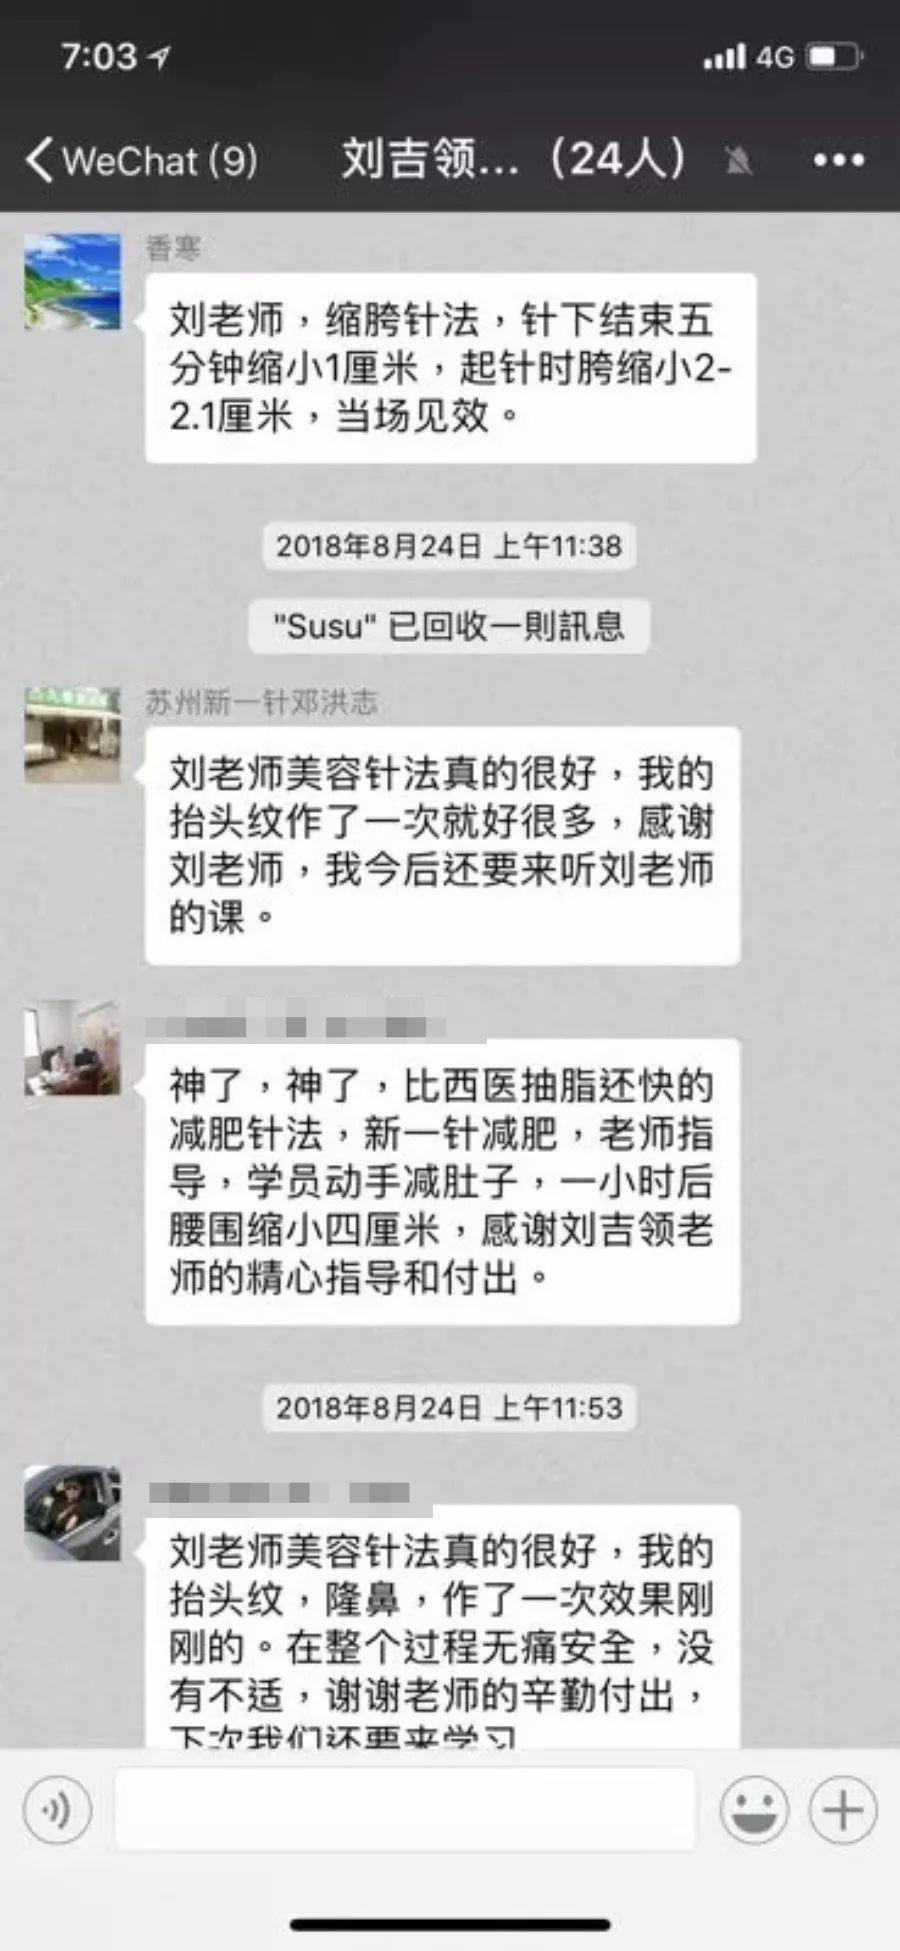 北京针灸美容培训报价